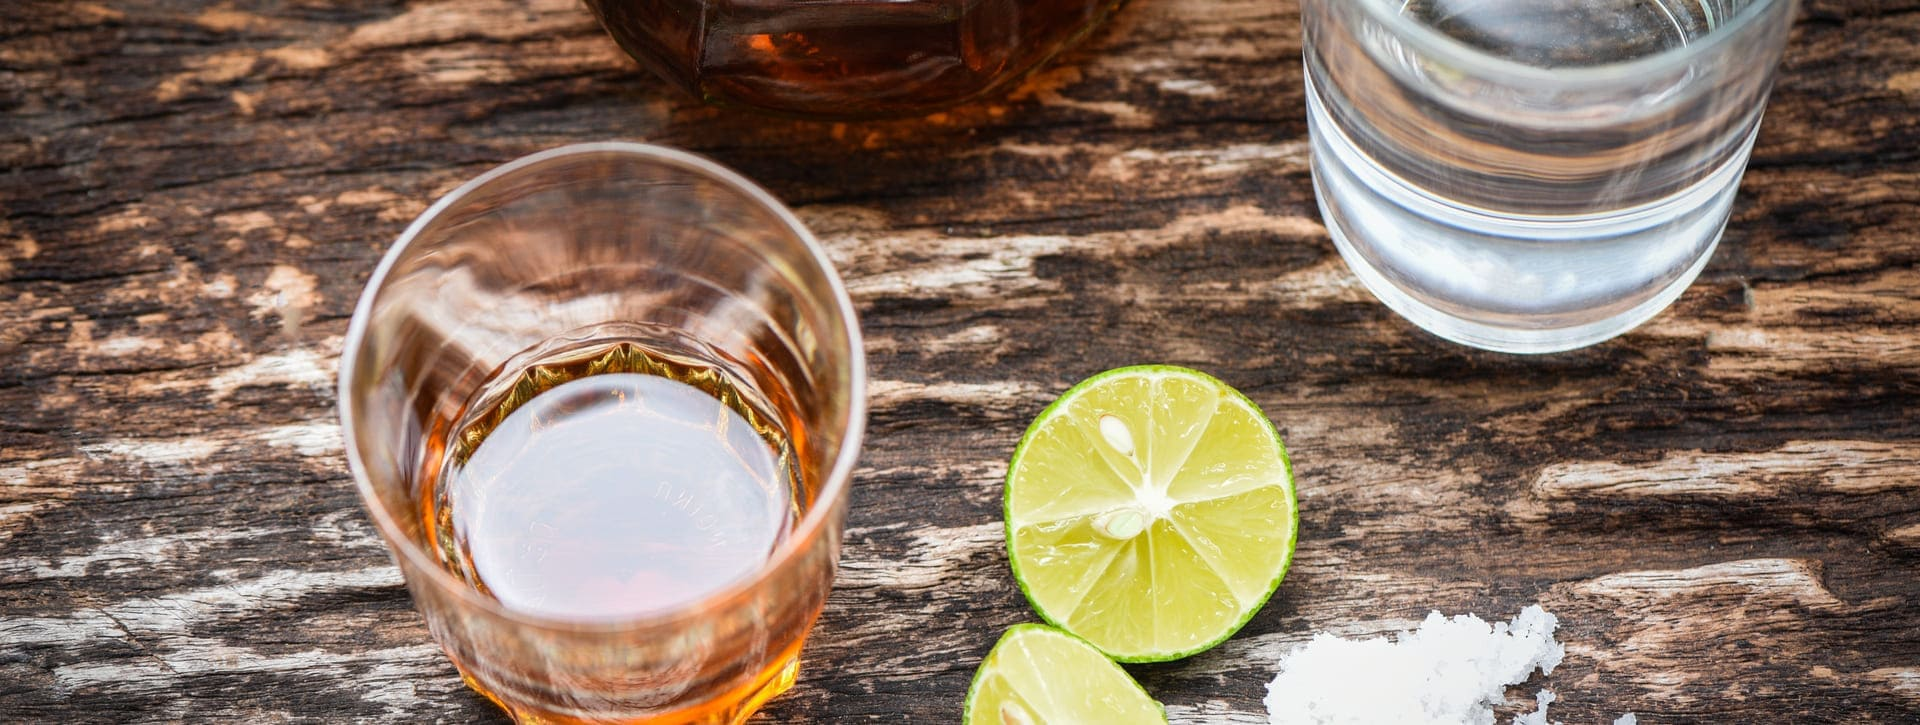 Алкоголь при астме: что говорят специалисты?